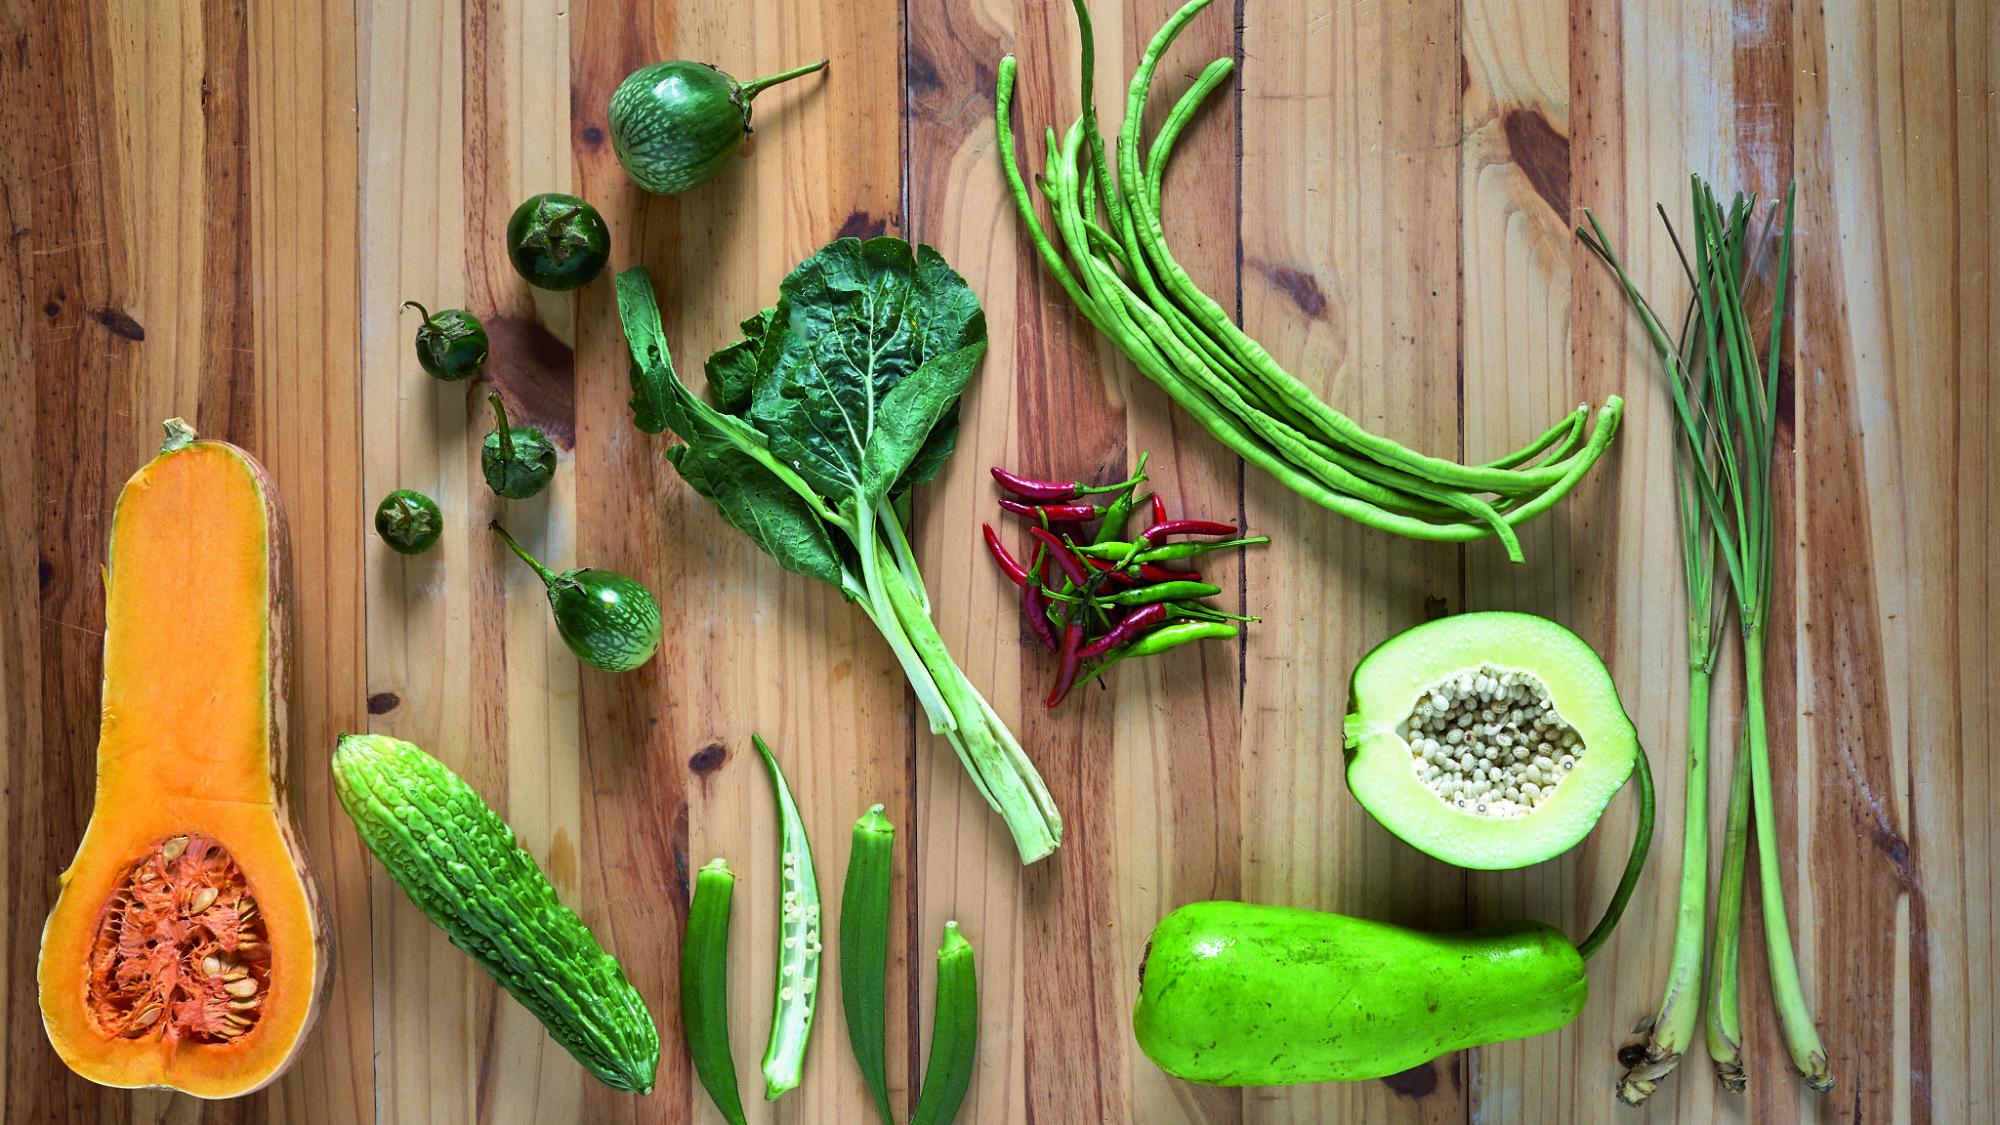 ירקות תאילנדיים. צילום: אנטולי מיכאלו